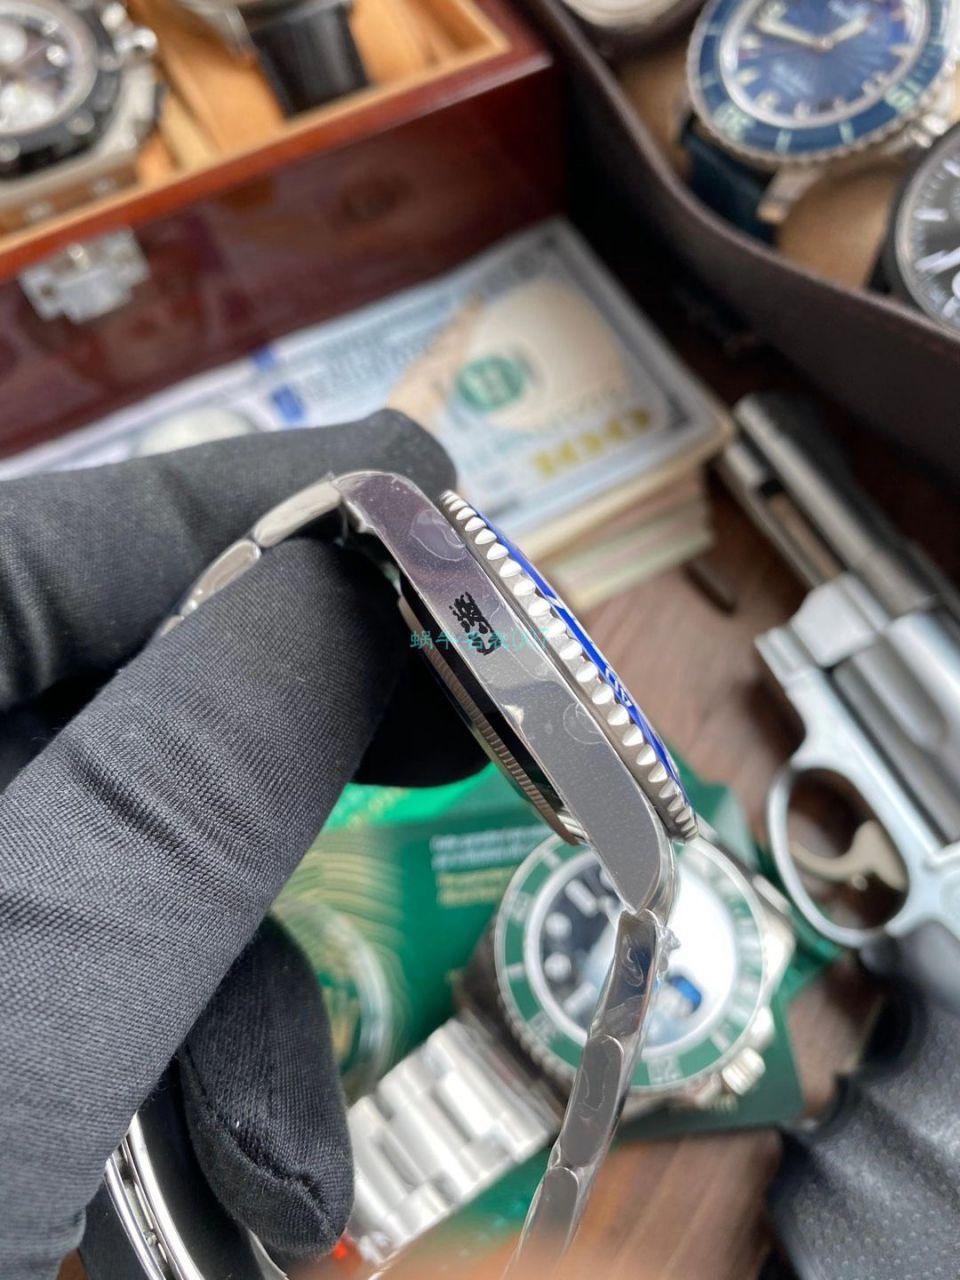 【视频评测】EW厂劳力士41毫米蓝水鬼一比一复刻手表m126619lb-0003腕表 / R688